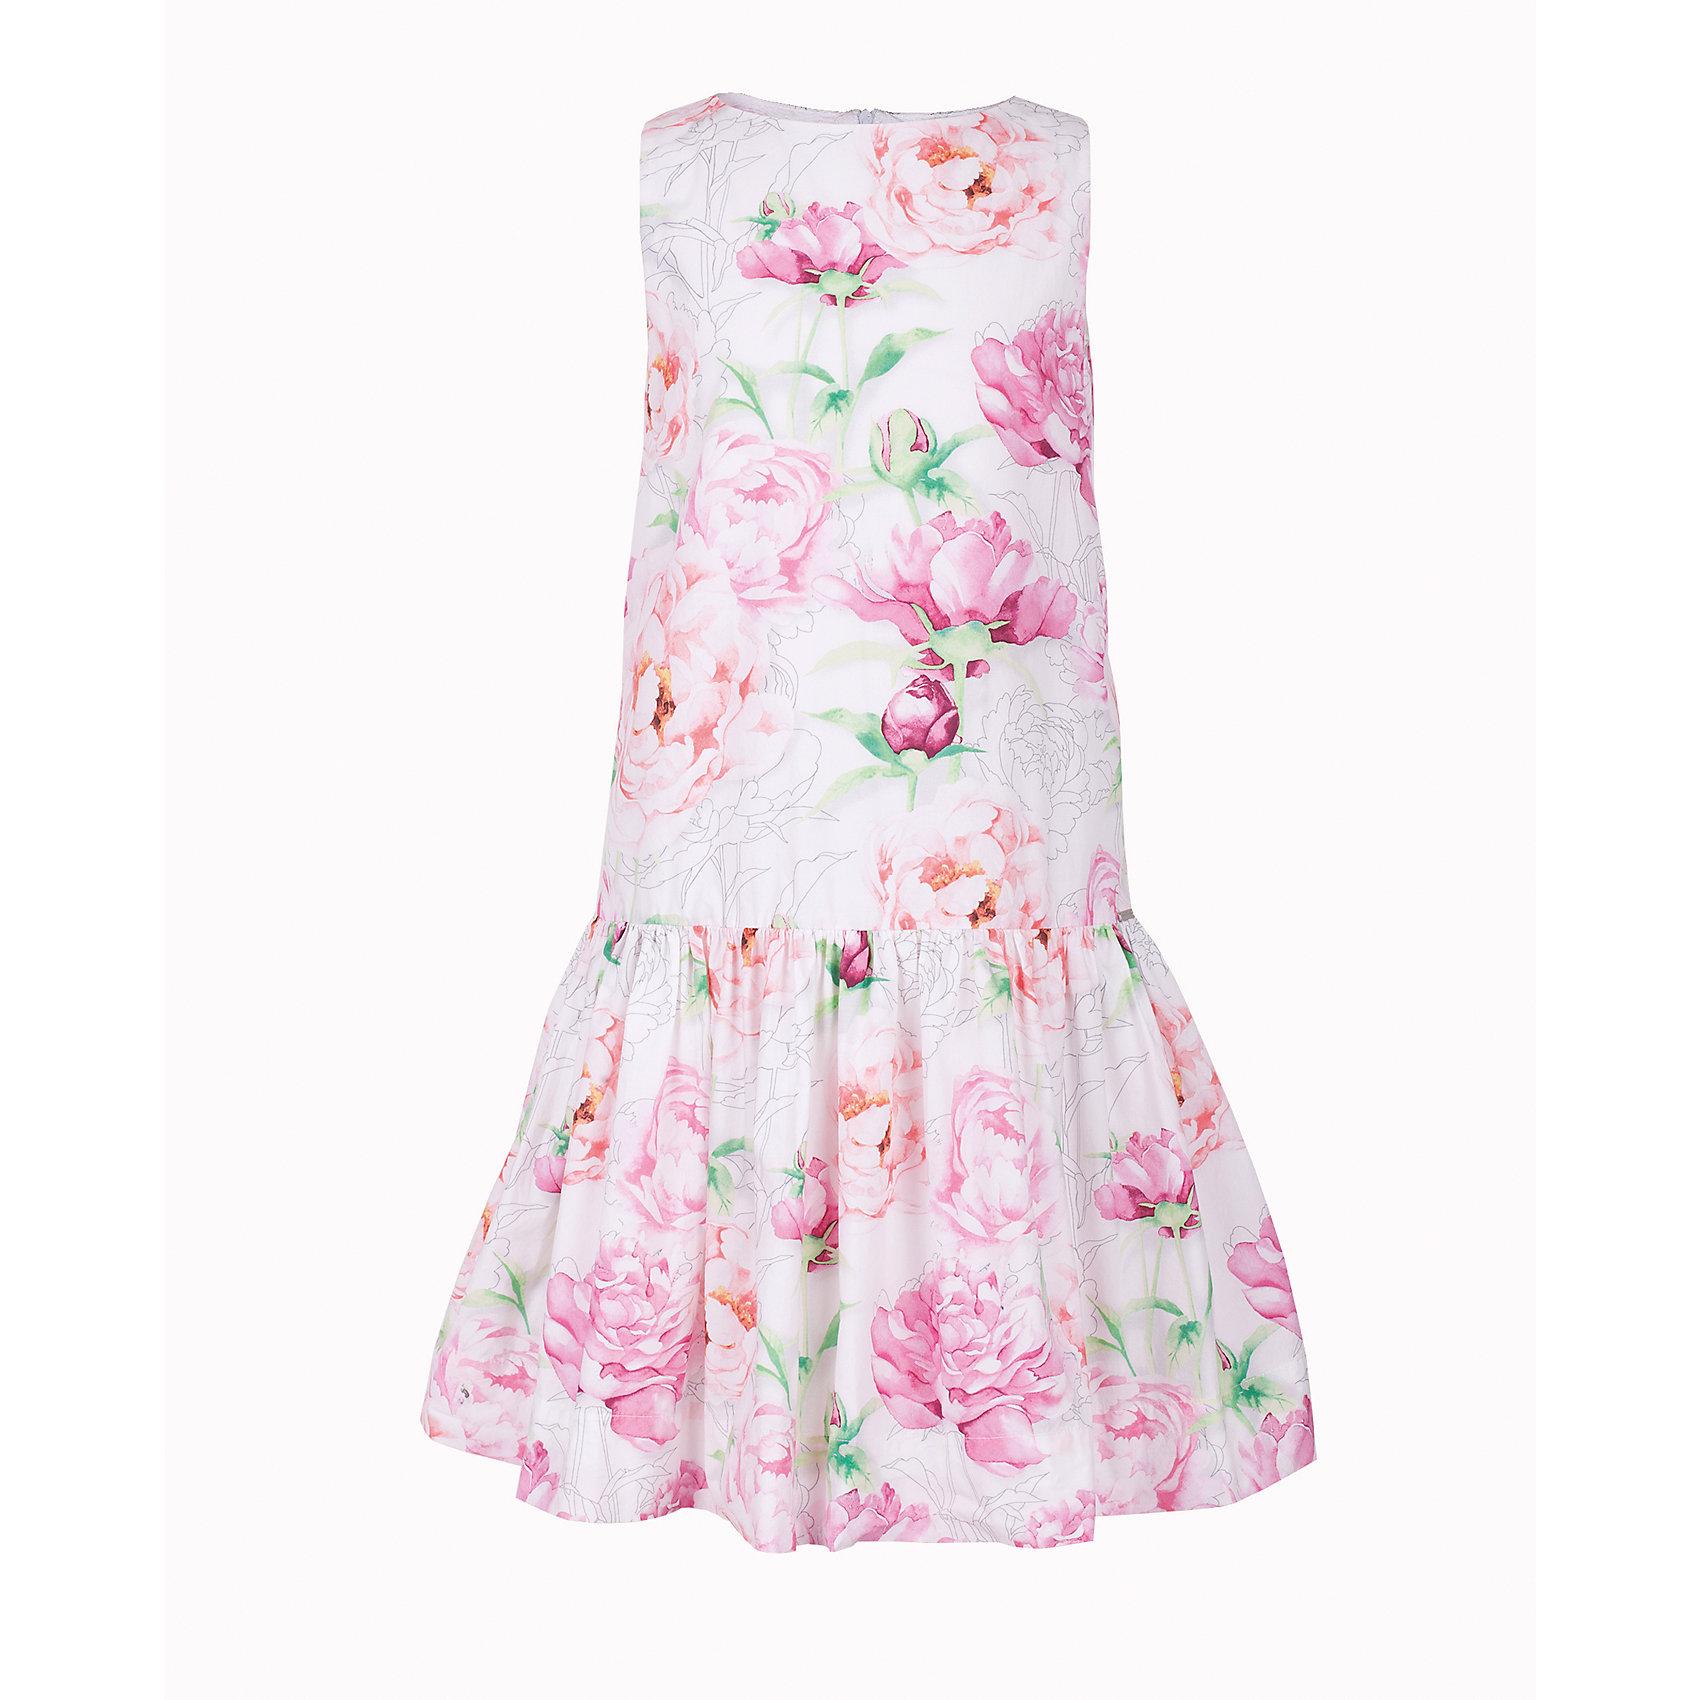 Платье для девочки GulliverЛетние платья и сарафаны<br>Ох уж, эти модницы... Их летний гардероб пестрит нарядами, но разве можно пройти мимо нового платья в цветочек? Простой удобный крой с лихвой компенсируется оригинальным дизайном ткани. Крупный цветочный рисунок, созданный в благородных пастельных тонах, выглядит интересно и привлекательно. Платье на тонкой хлопковой подкладке очень комфортно и приятно к телу. Если вы хотите купить платье для девочки, чтобы освежить гардероб ребенка, сделав его ярким, практичным и позитивным, эта модель - лучшее решение для каждого дня жаркого лета!<br>Состав:<br>верх:                100% хлопок; подкладка:                      100% хлопок<br><br>Ширина мм: 236<br>Глубина мм: 16<br>Высота мм: 184<br>Вес г: 177<br>Цвет: белый<br>Возраст от месяцев: 108<br>Возраст до месяцев: 120<br>Пол: Женский<br>Возраст: Детский<br>Размер: 140,122,128,134<br>SKU: 5484123